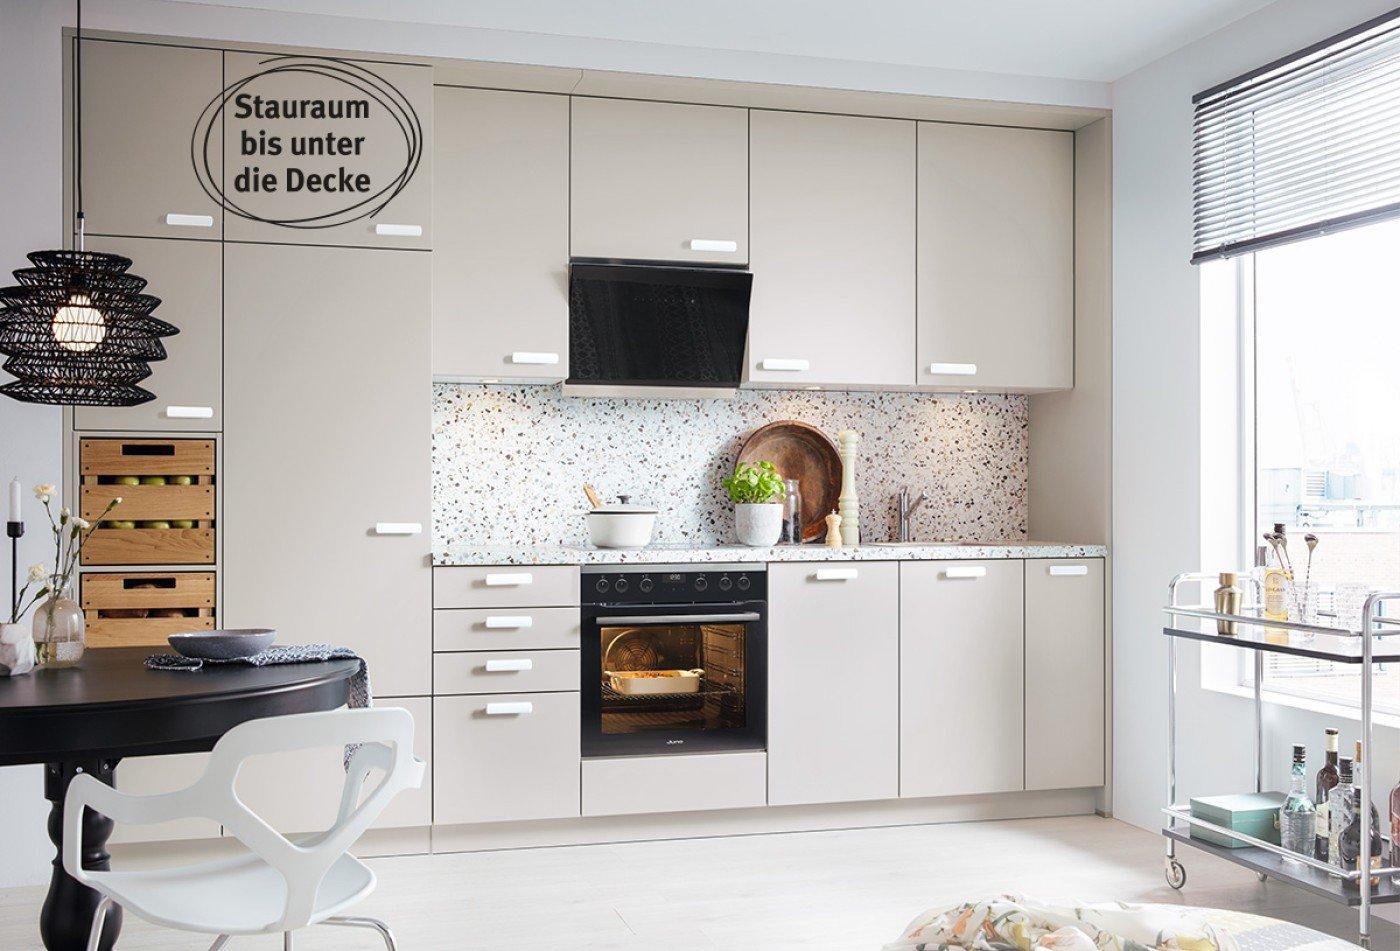 Einbauküche mit sandgrauen Fronten, Arbeitsplatte in Terrazzo Nachbildung und Keramik-Griffen.